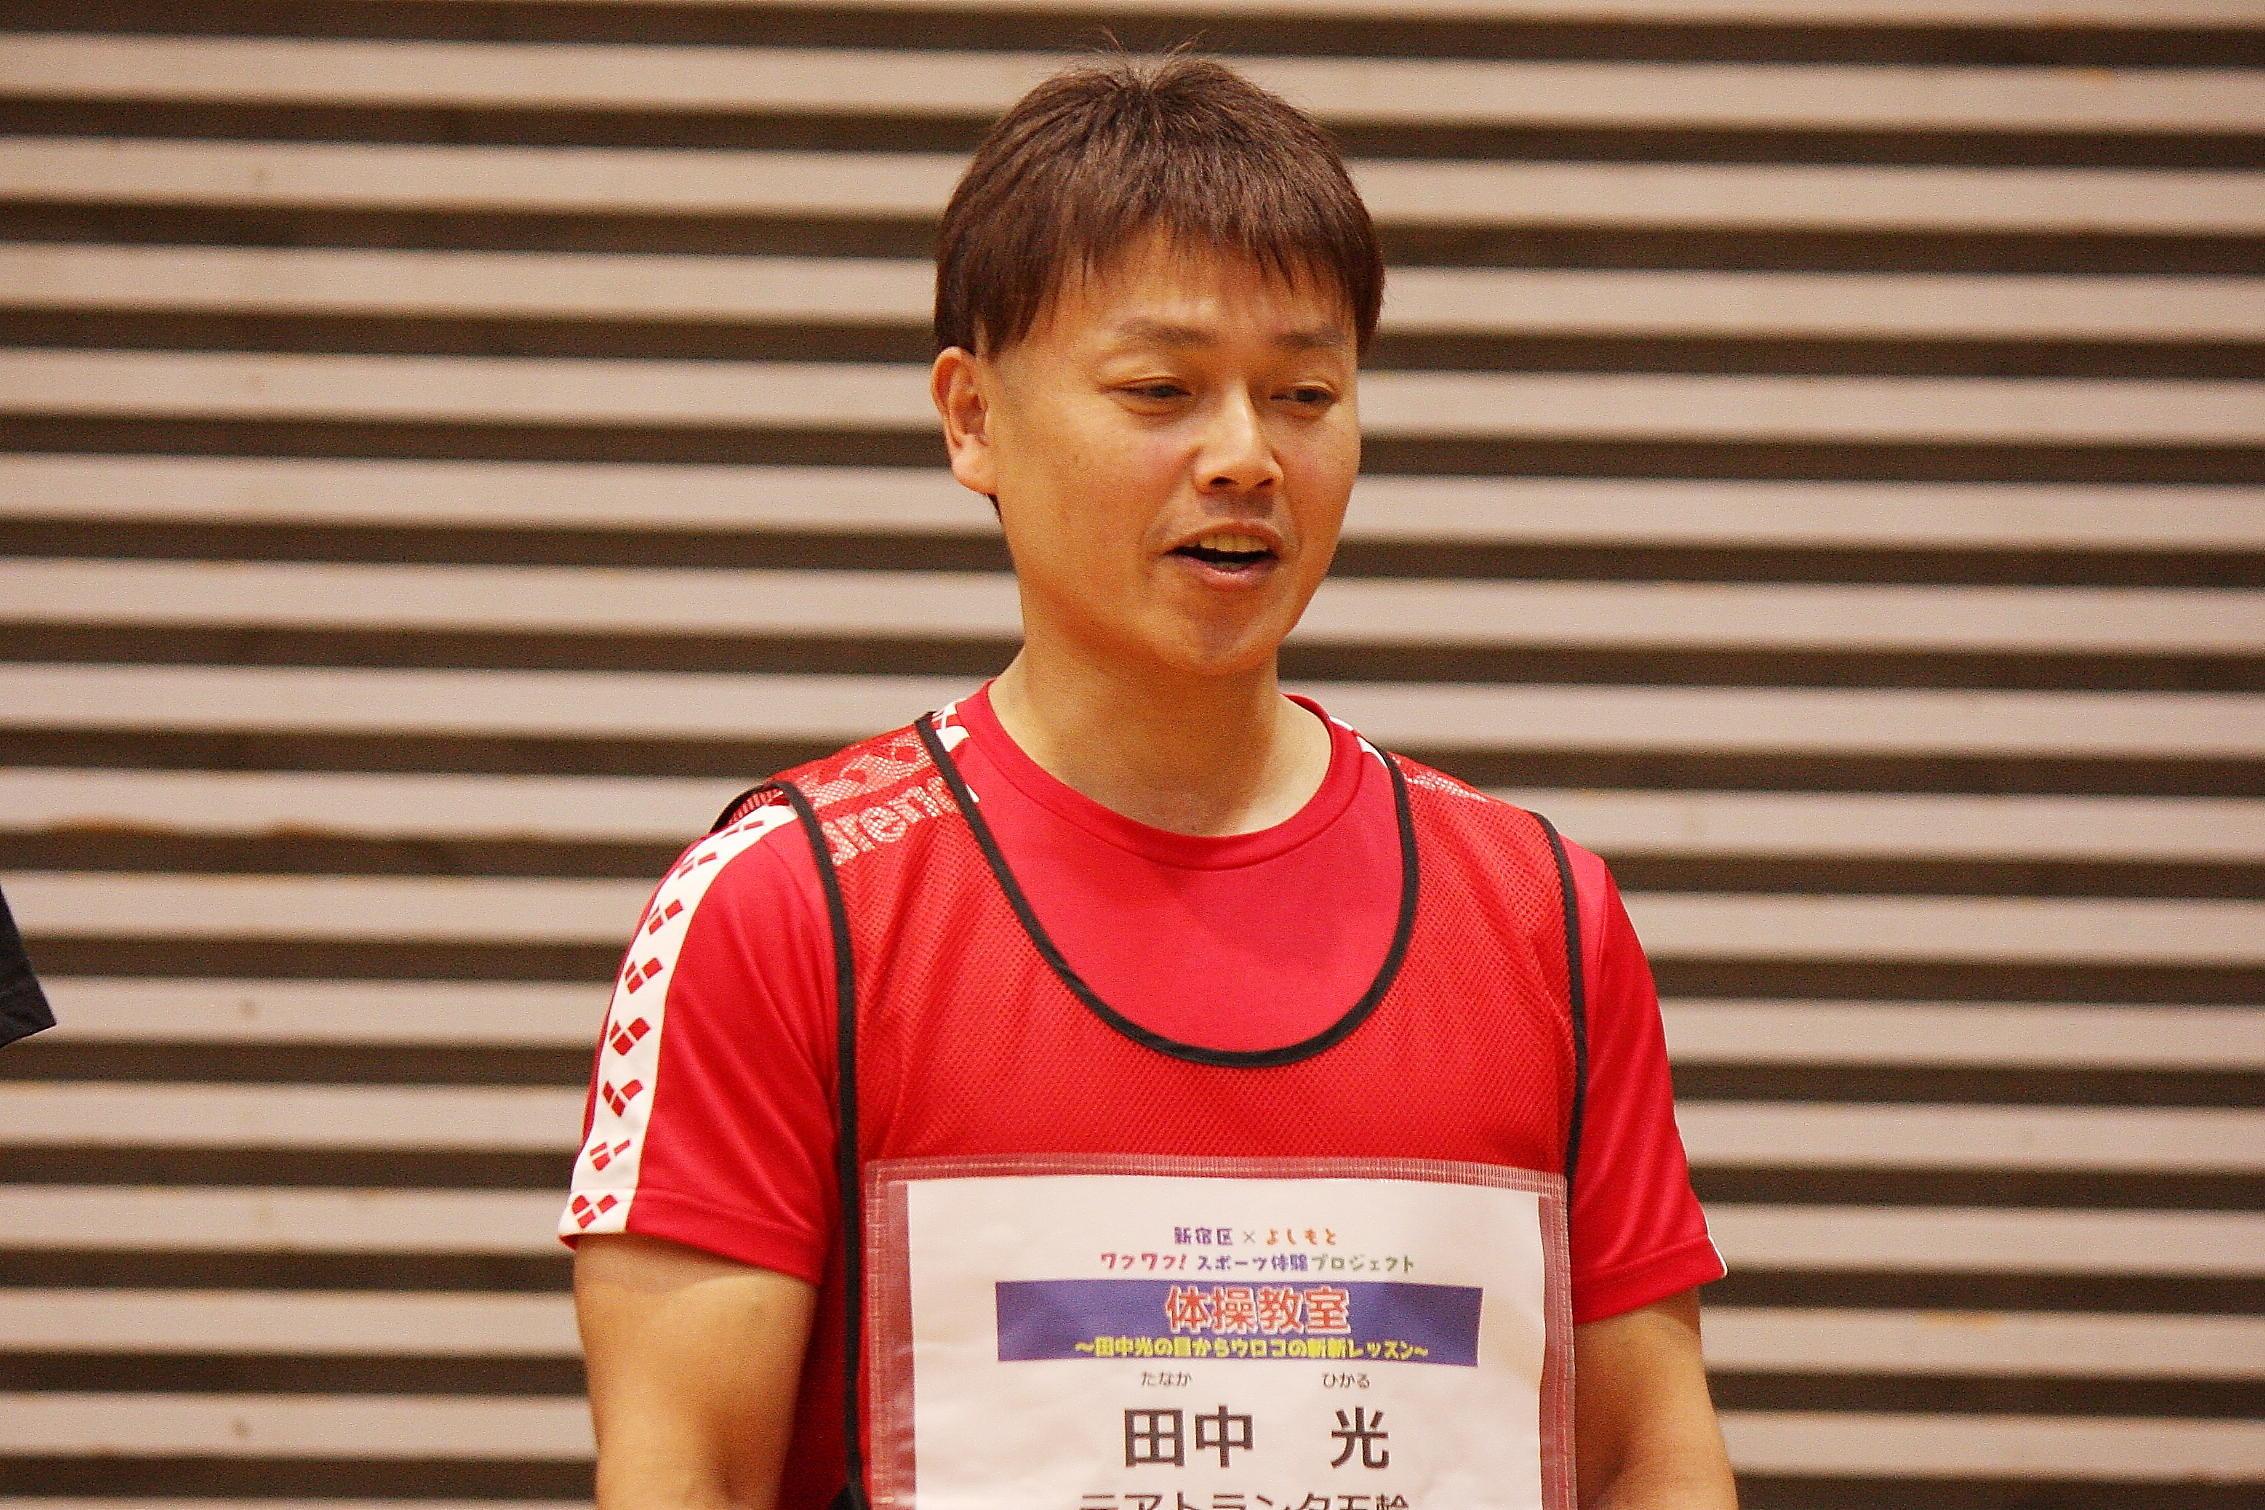 http://news.yoshimoto.co.jp/20180731114829-3e67213ebc5f3e3c3edccd2383d18d47651b0135.jpg